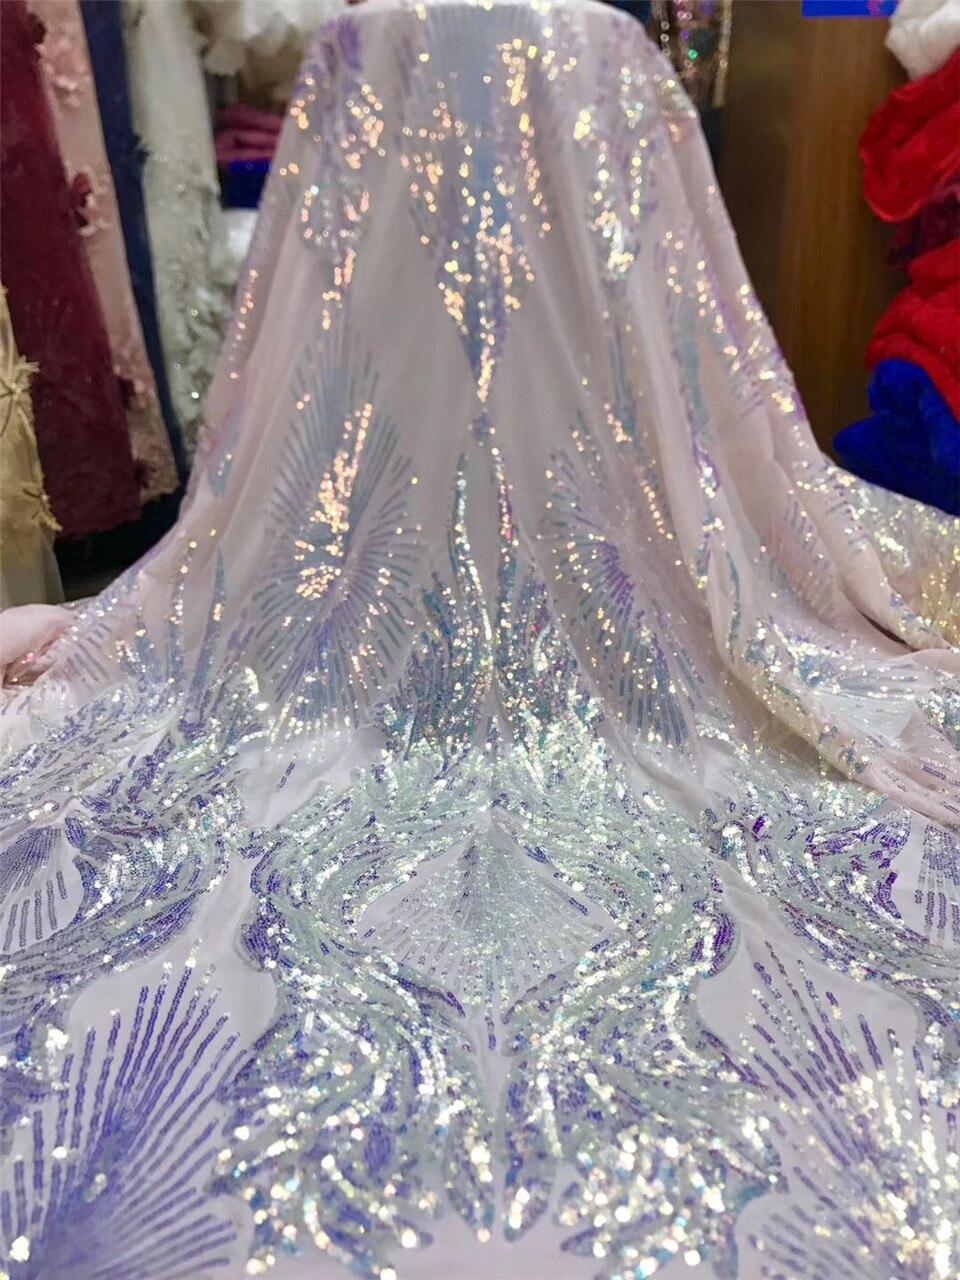 Lo último en tela de encaje de lentejuelas de Níger francés, tela de encaje 2020, tela de encaje africano de alta calidad, vestido de novia J36671